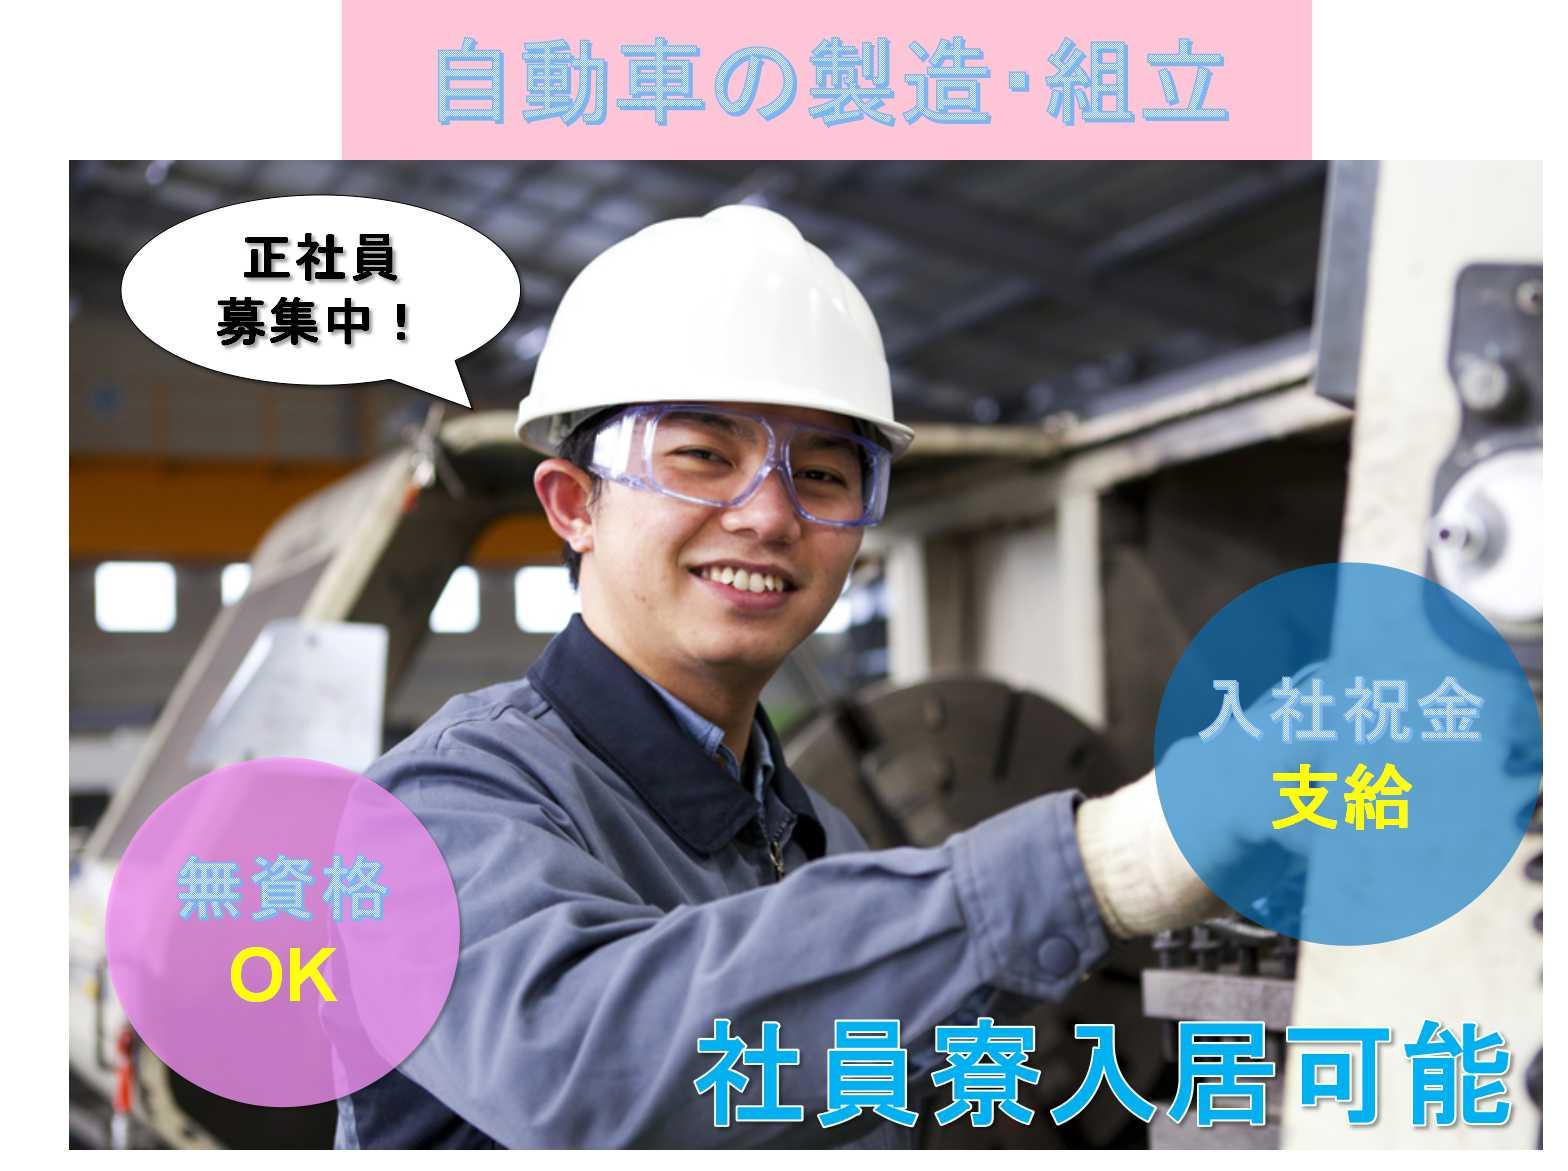 【正社員】未経験歓迎☆無資格OK☆自動車の製造・組立☆ イメージ